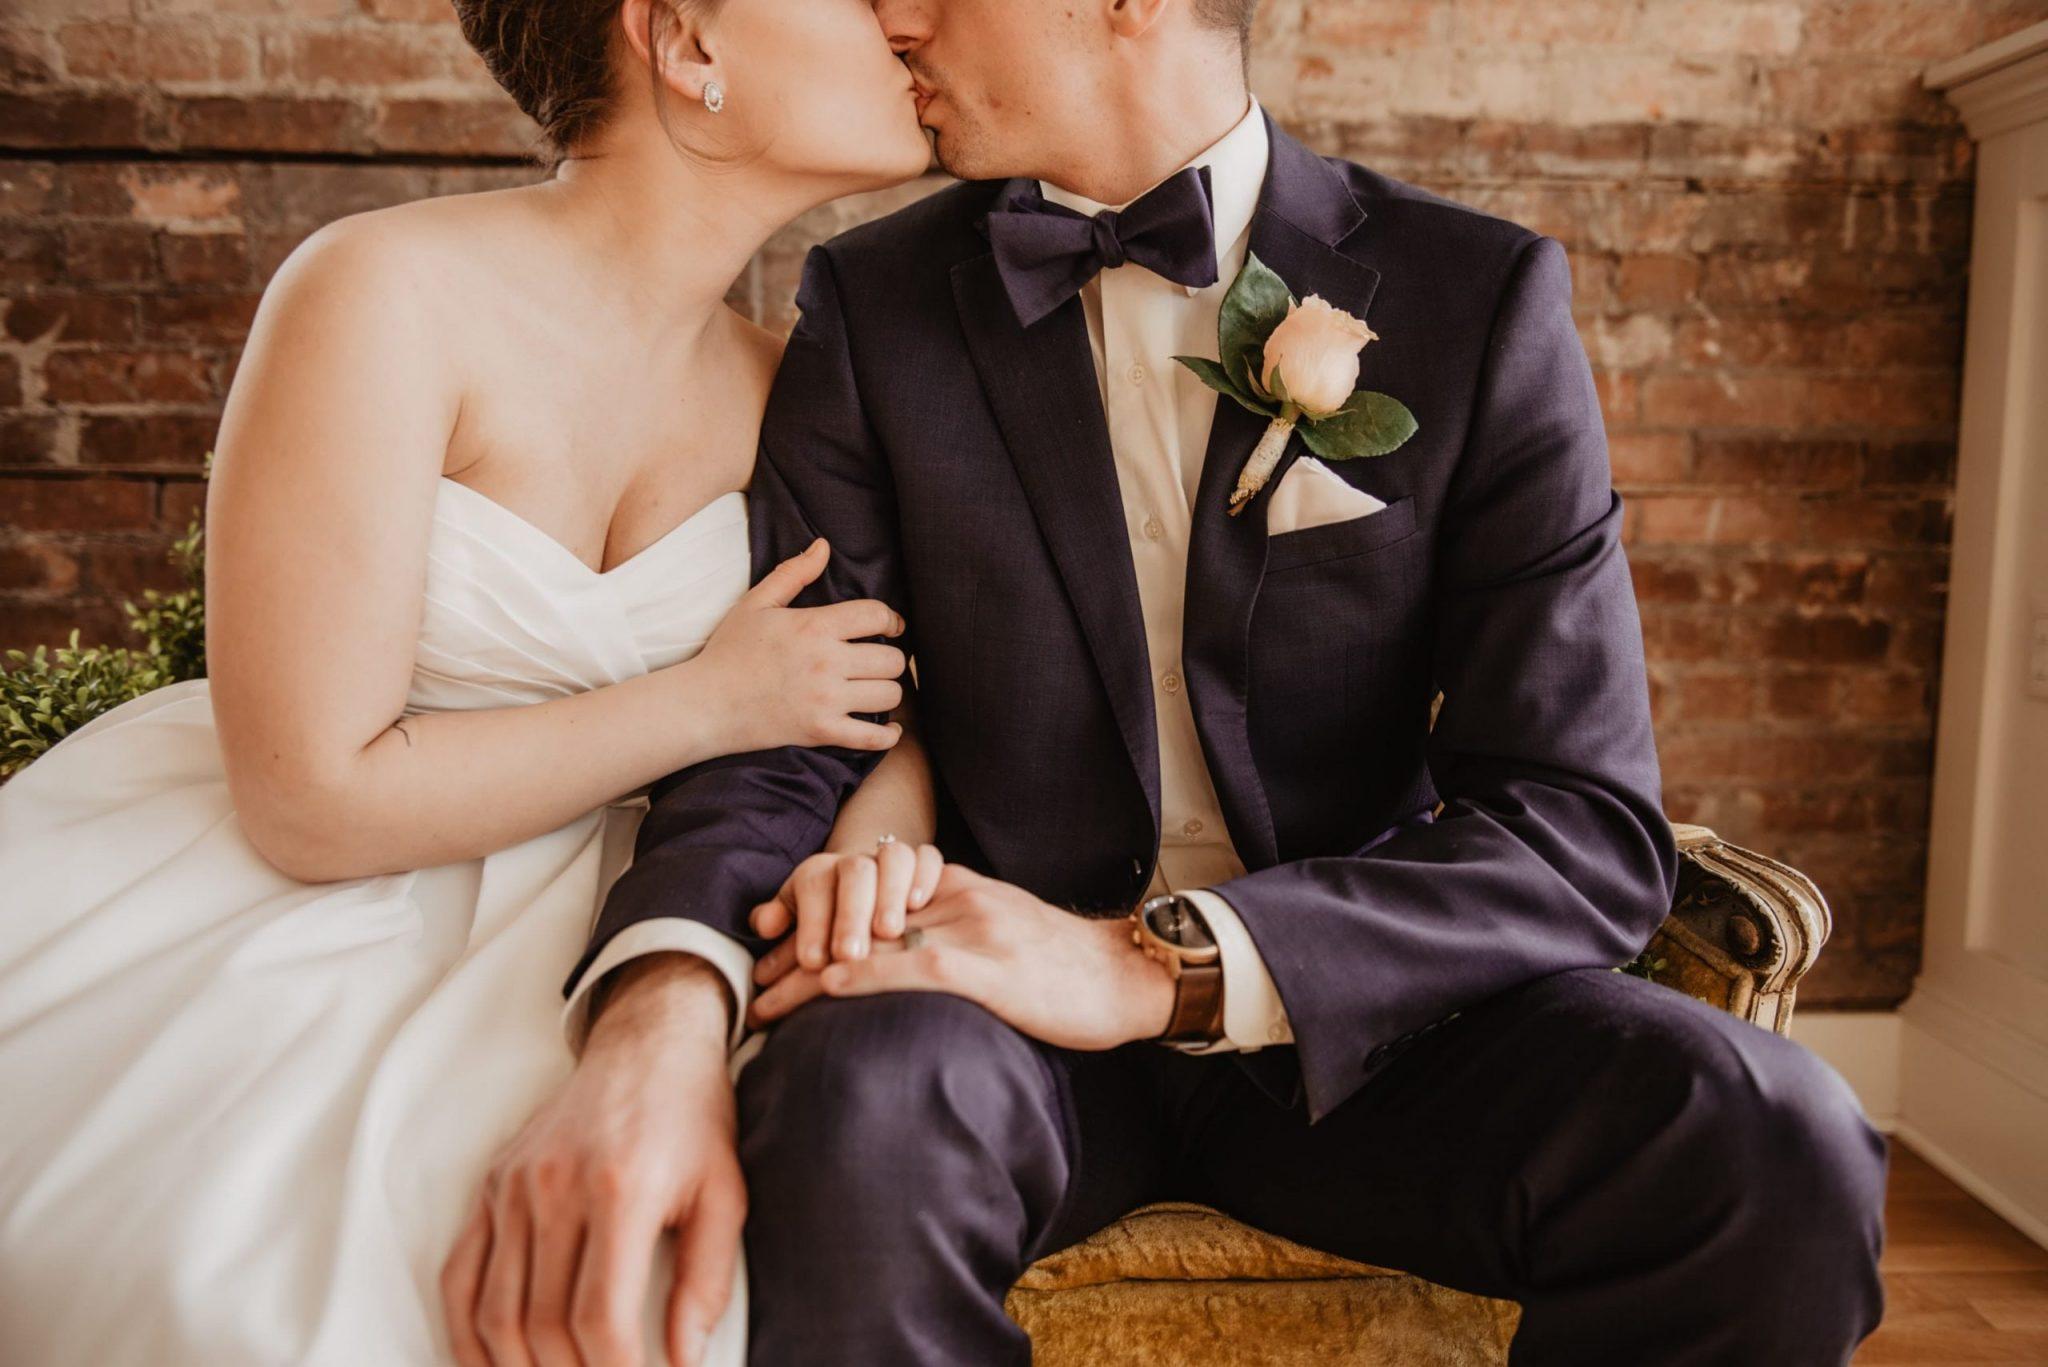 Promessa di matrimonio: significato, effetti giuridici e casi di giustificata rottura del fidanzamento